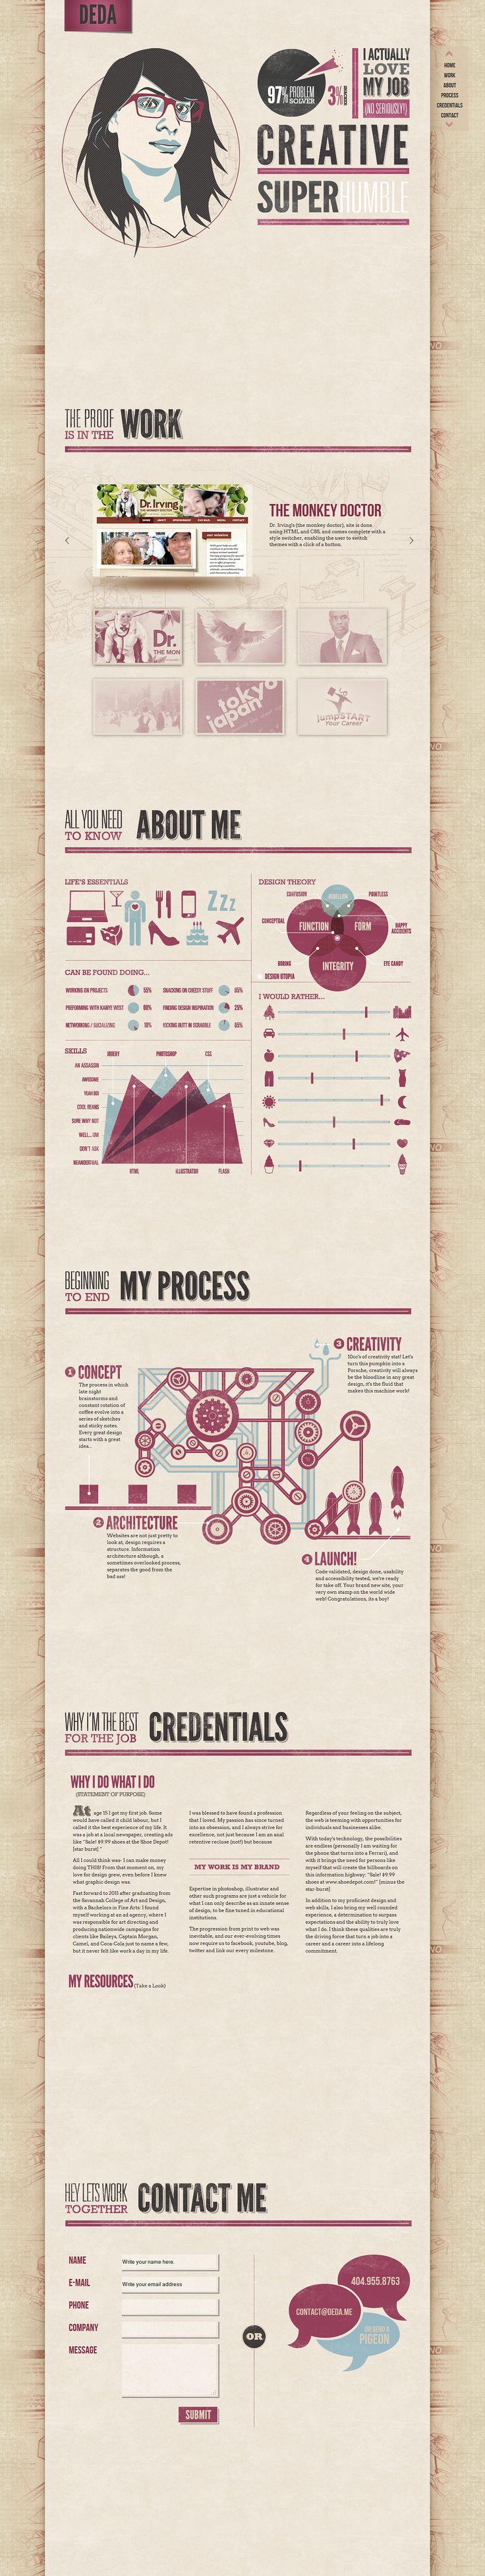 86 best CV Design images on Pinterest | Resume, Resume design and ...